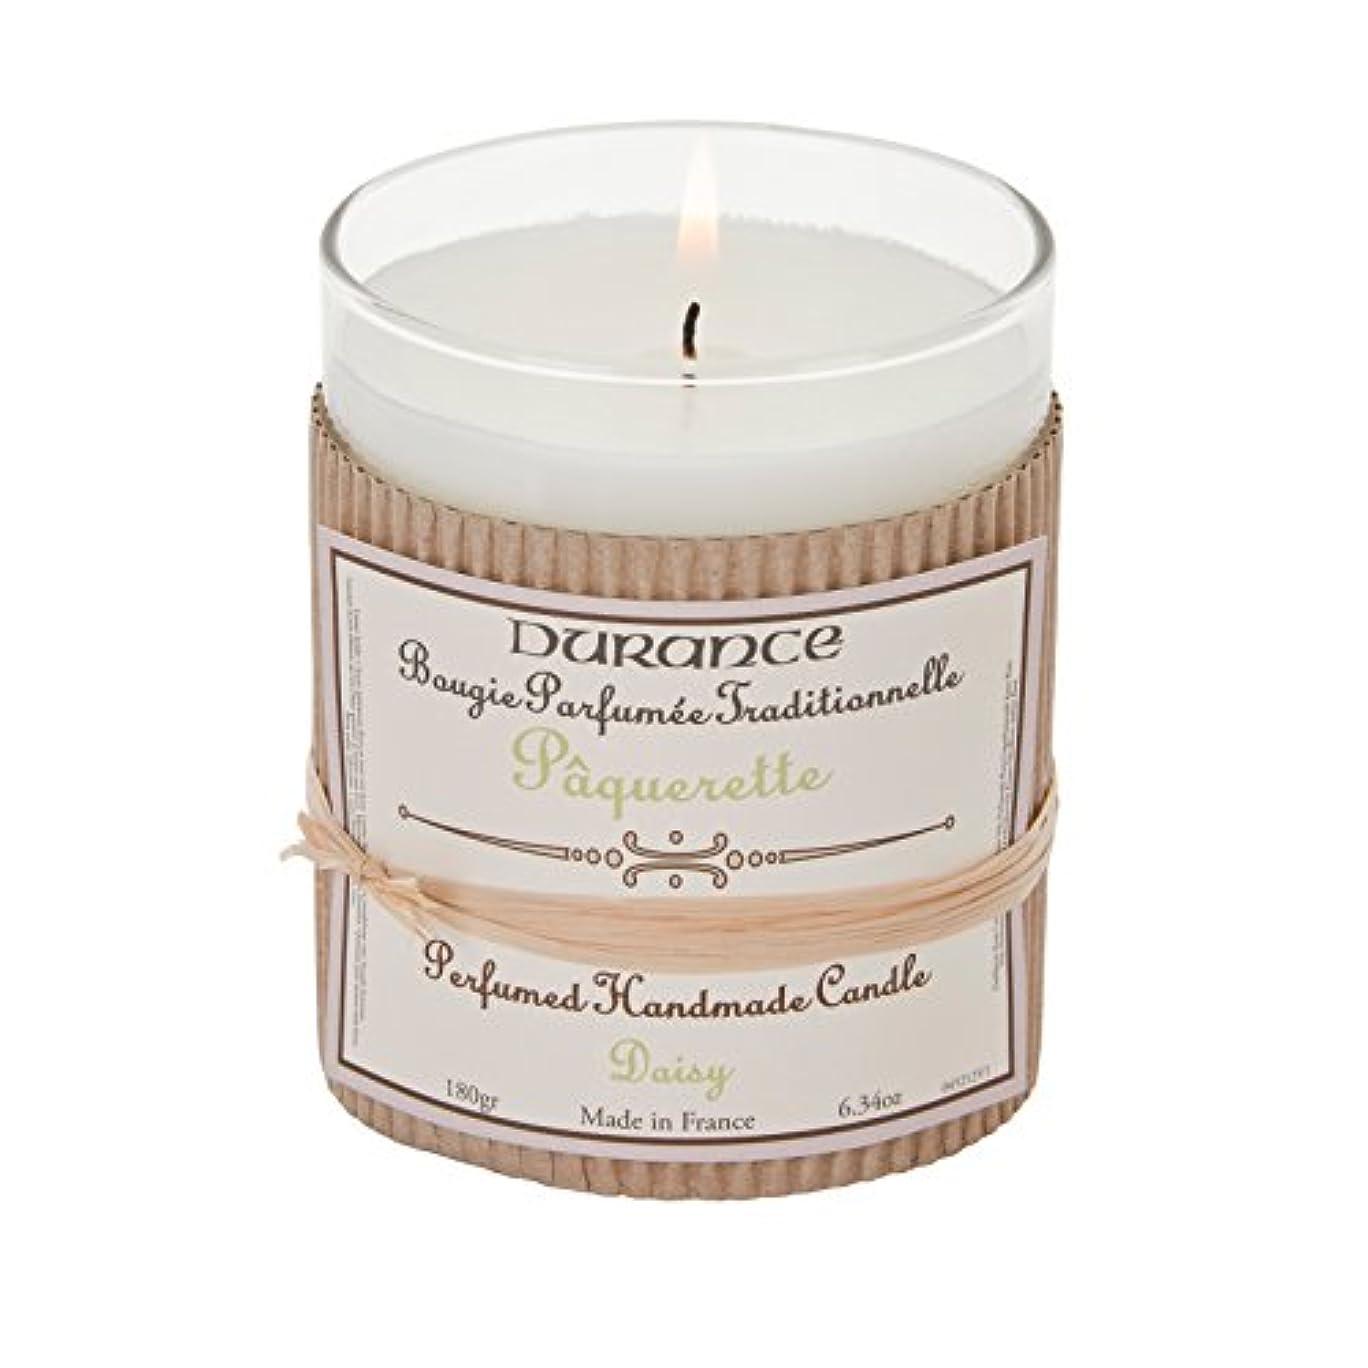 反映する何クレタDurance De Provence Hand Crafted Scented Candle - Daisy